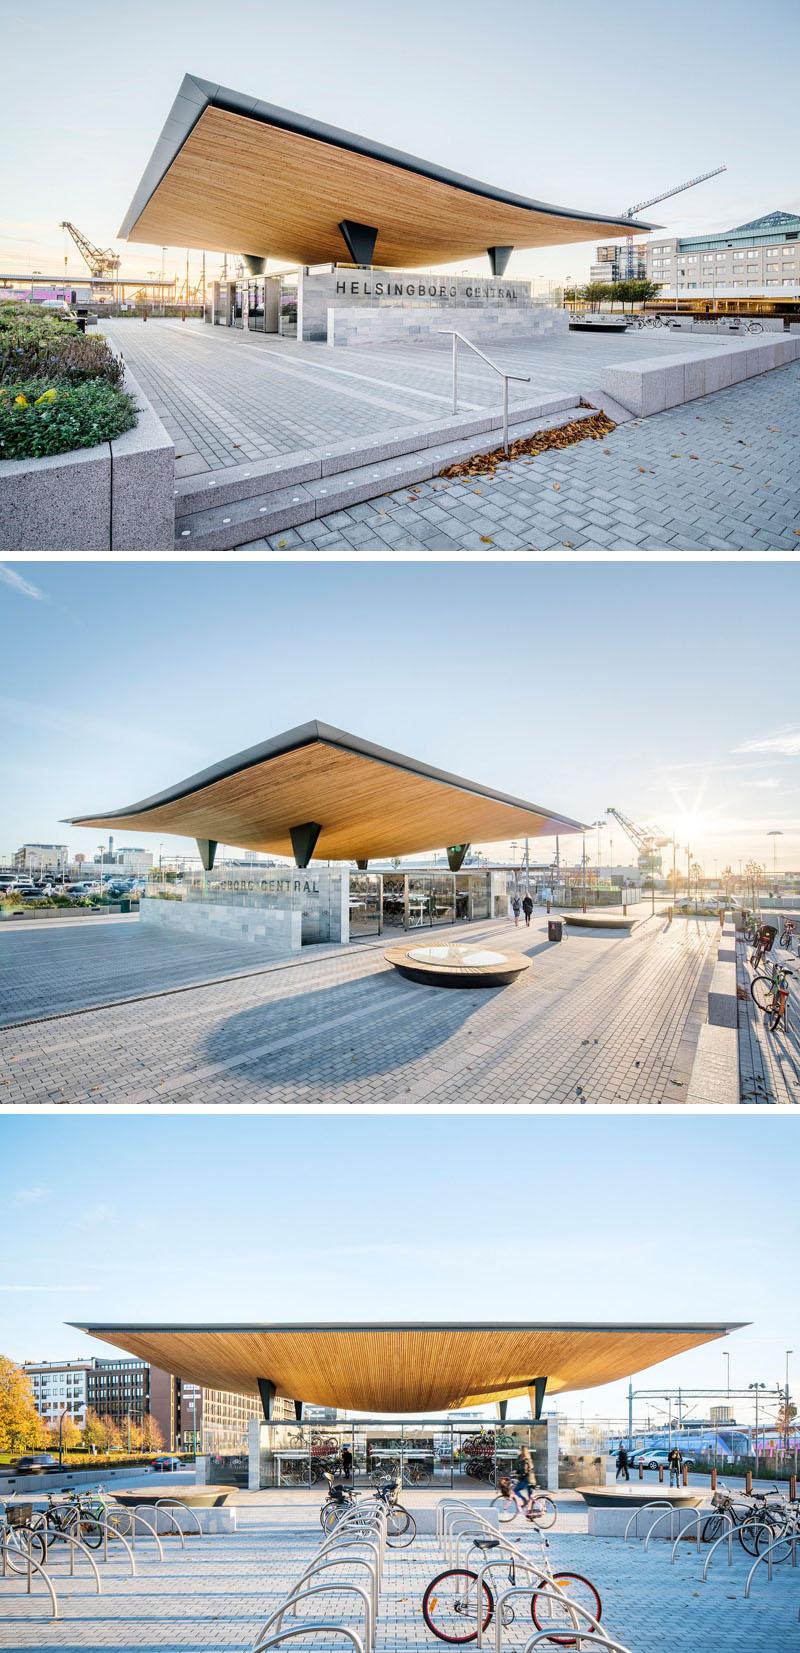 Уникальный проект железнодорожного вокзала Хельсингборга, Швеция: круглые скамейки и велопарковка